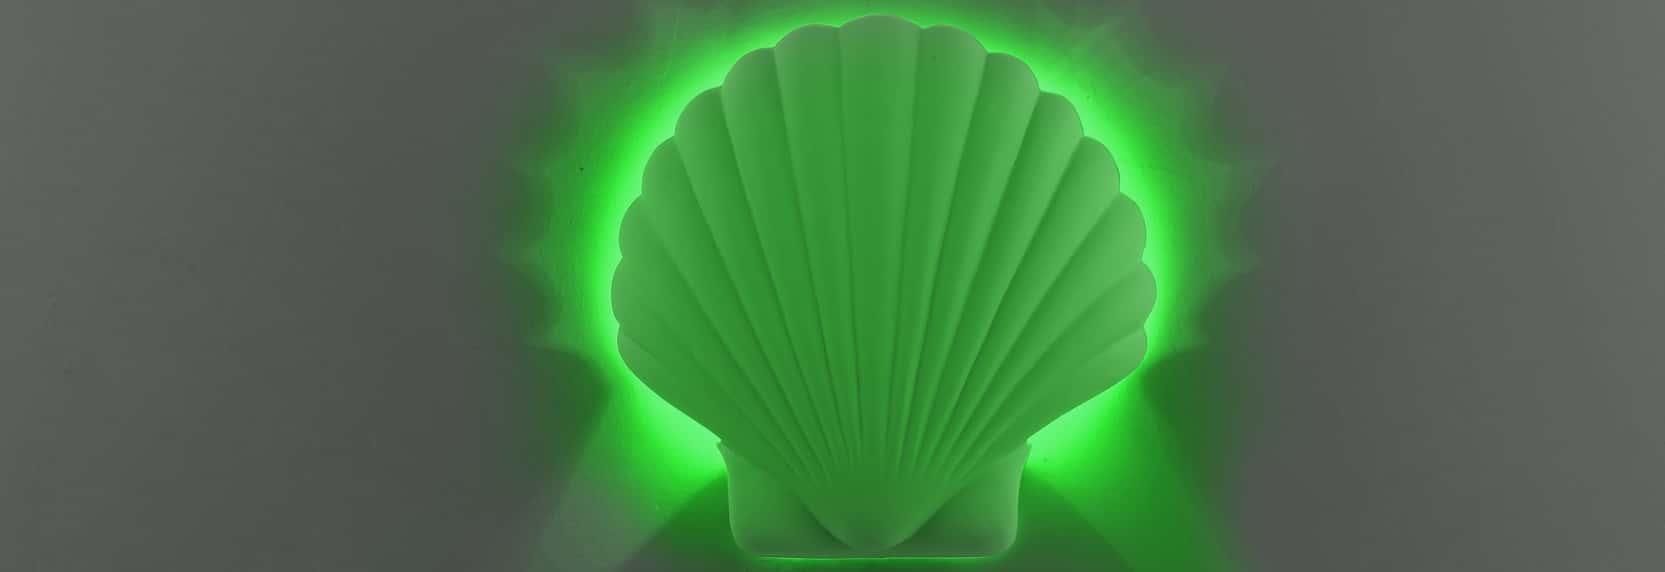 Гипсовые светящиеся и флуоресцентные светильники